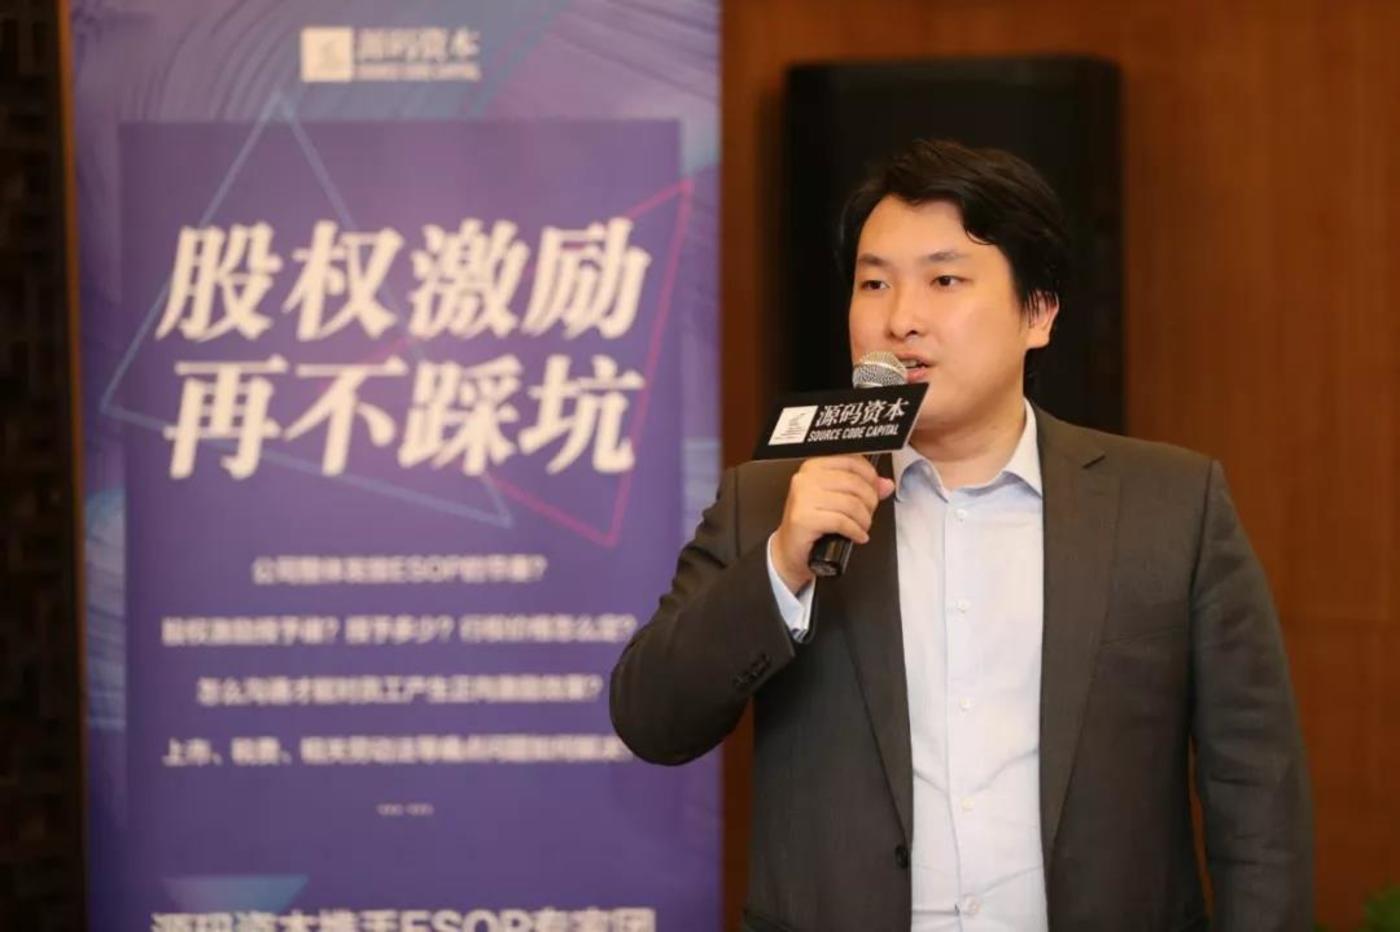 德勤税务团队 自21世纪初首批中国科技企业在海外上市以来, 该团队一直是相关企业激励税务咨询服务的领先者, 仅自2017年以来,该团队完成了超过10宗 大型股权激励税务咨询项目。